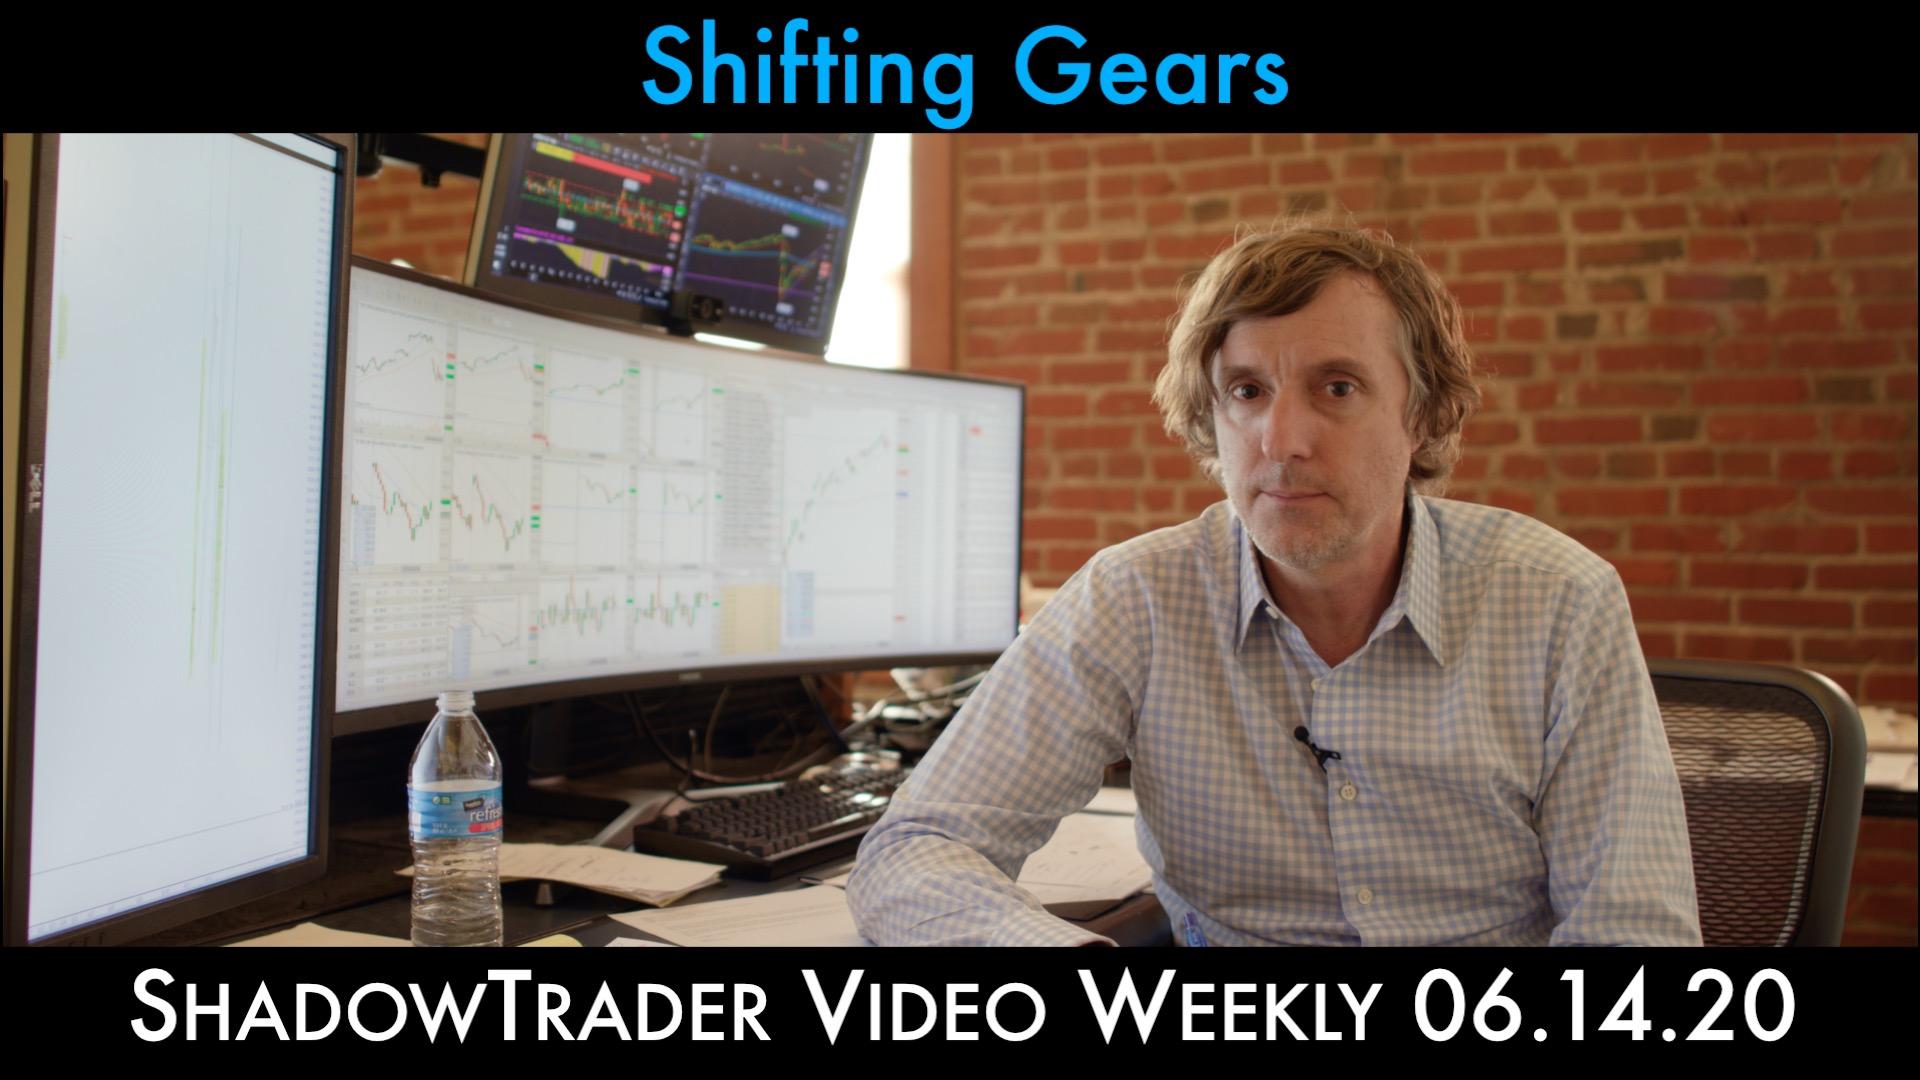 ShadowTrader Video Weekly 06.14.20 | Shifting Gears